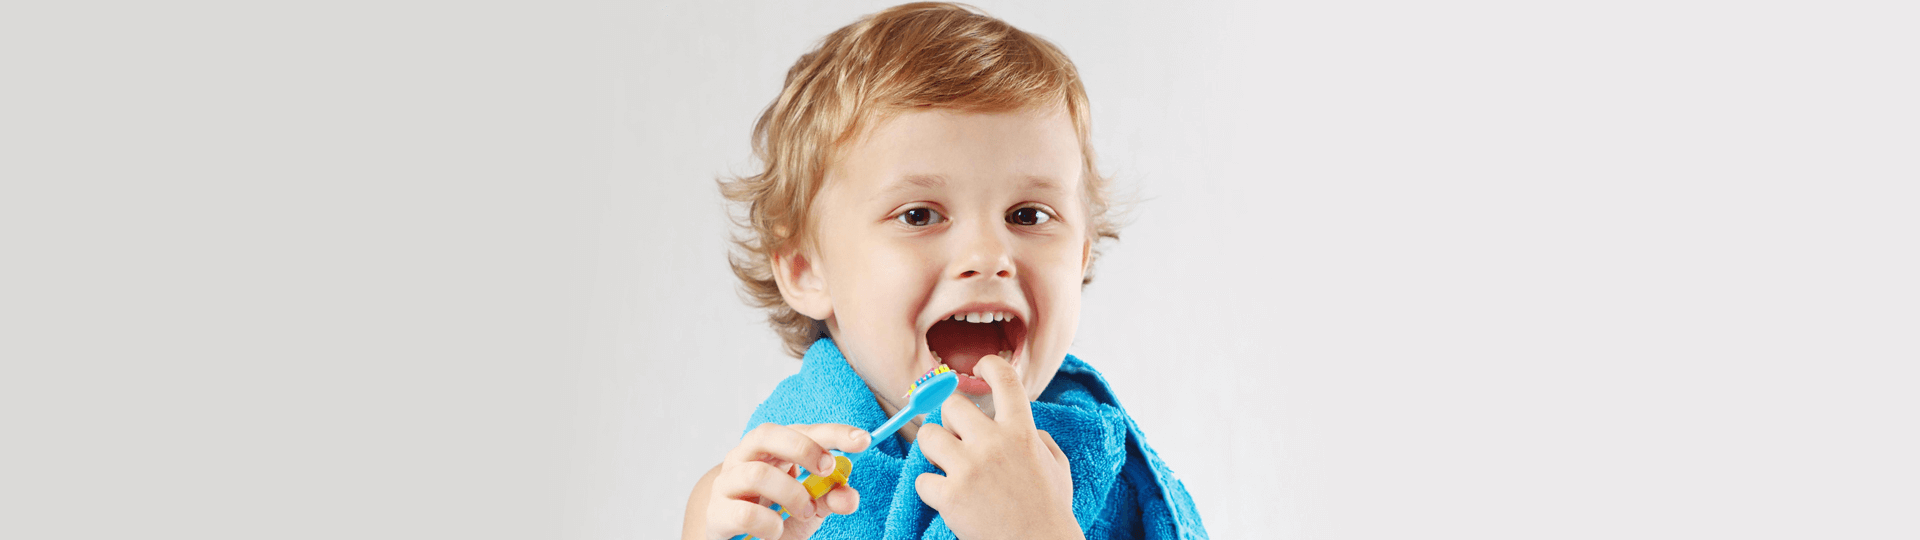 5 Tips to Help Children Avoid Cavities